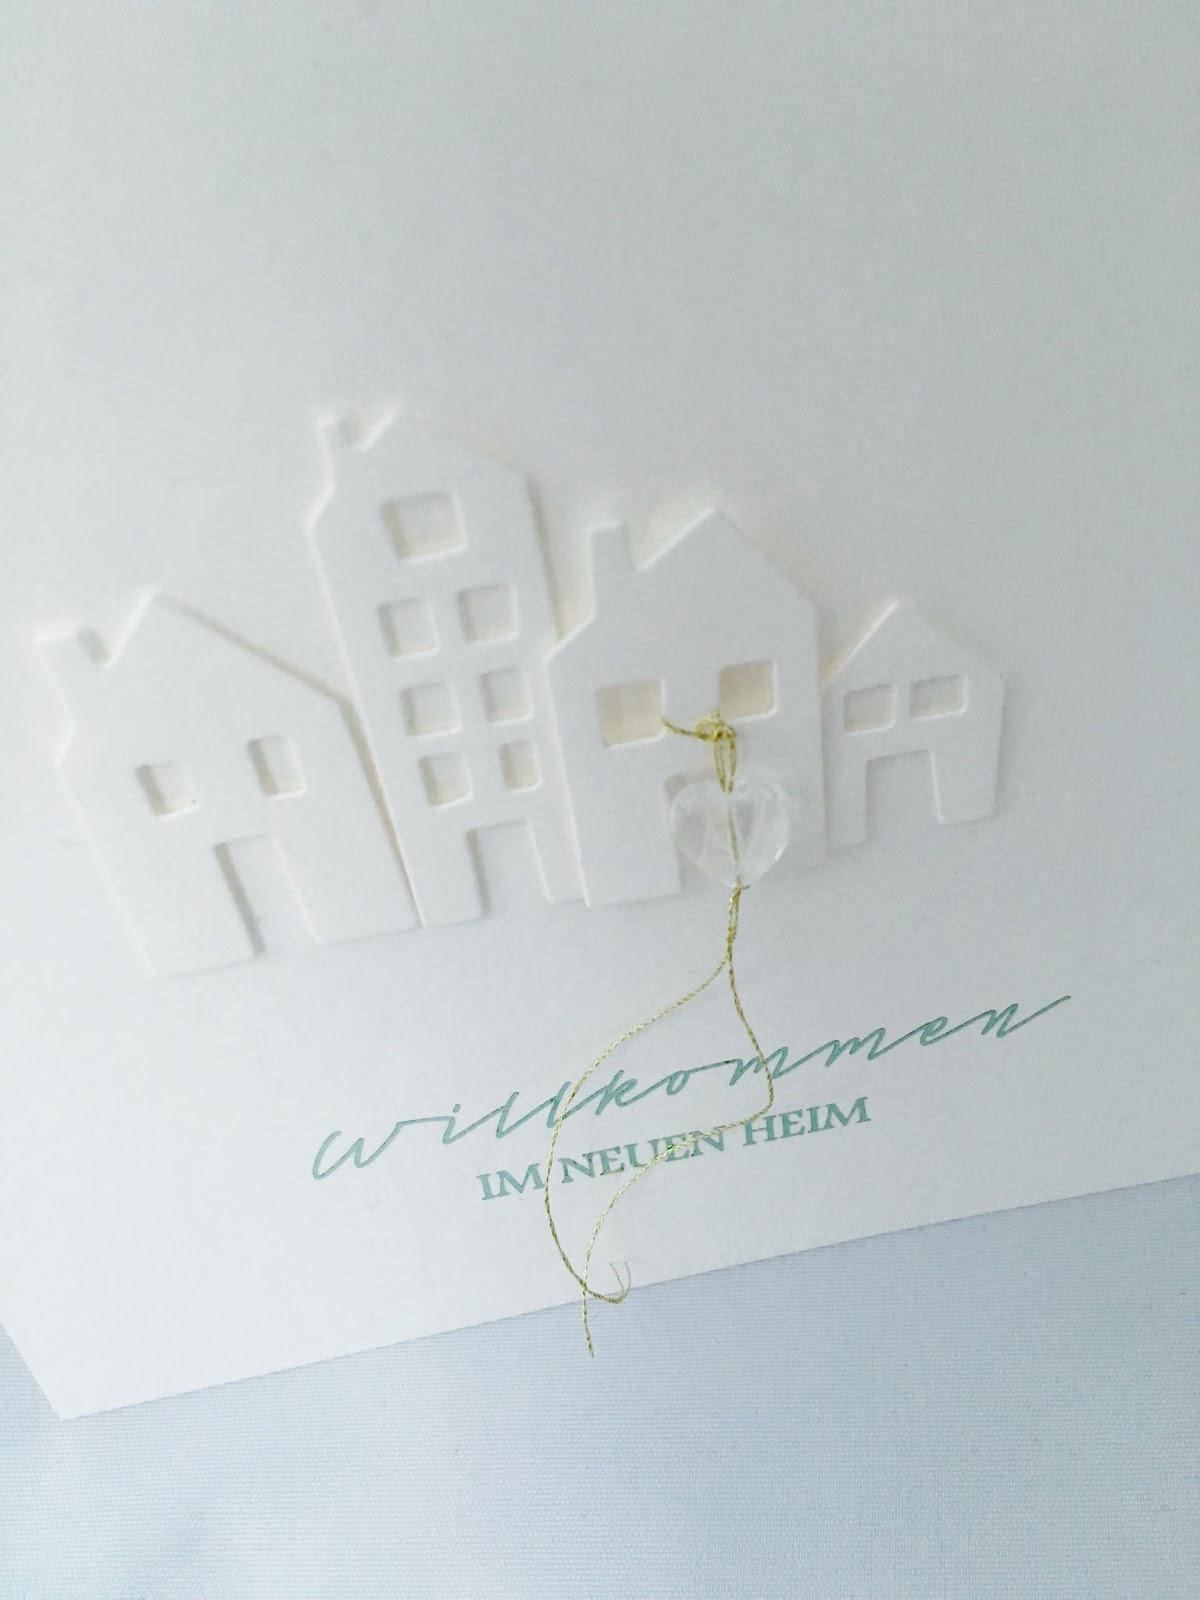 love cards papers by alexa willkommen im neuen heim. Black Bedroom Furniture Sets. Home Design Ideas